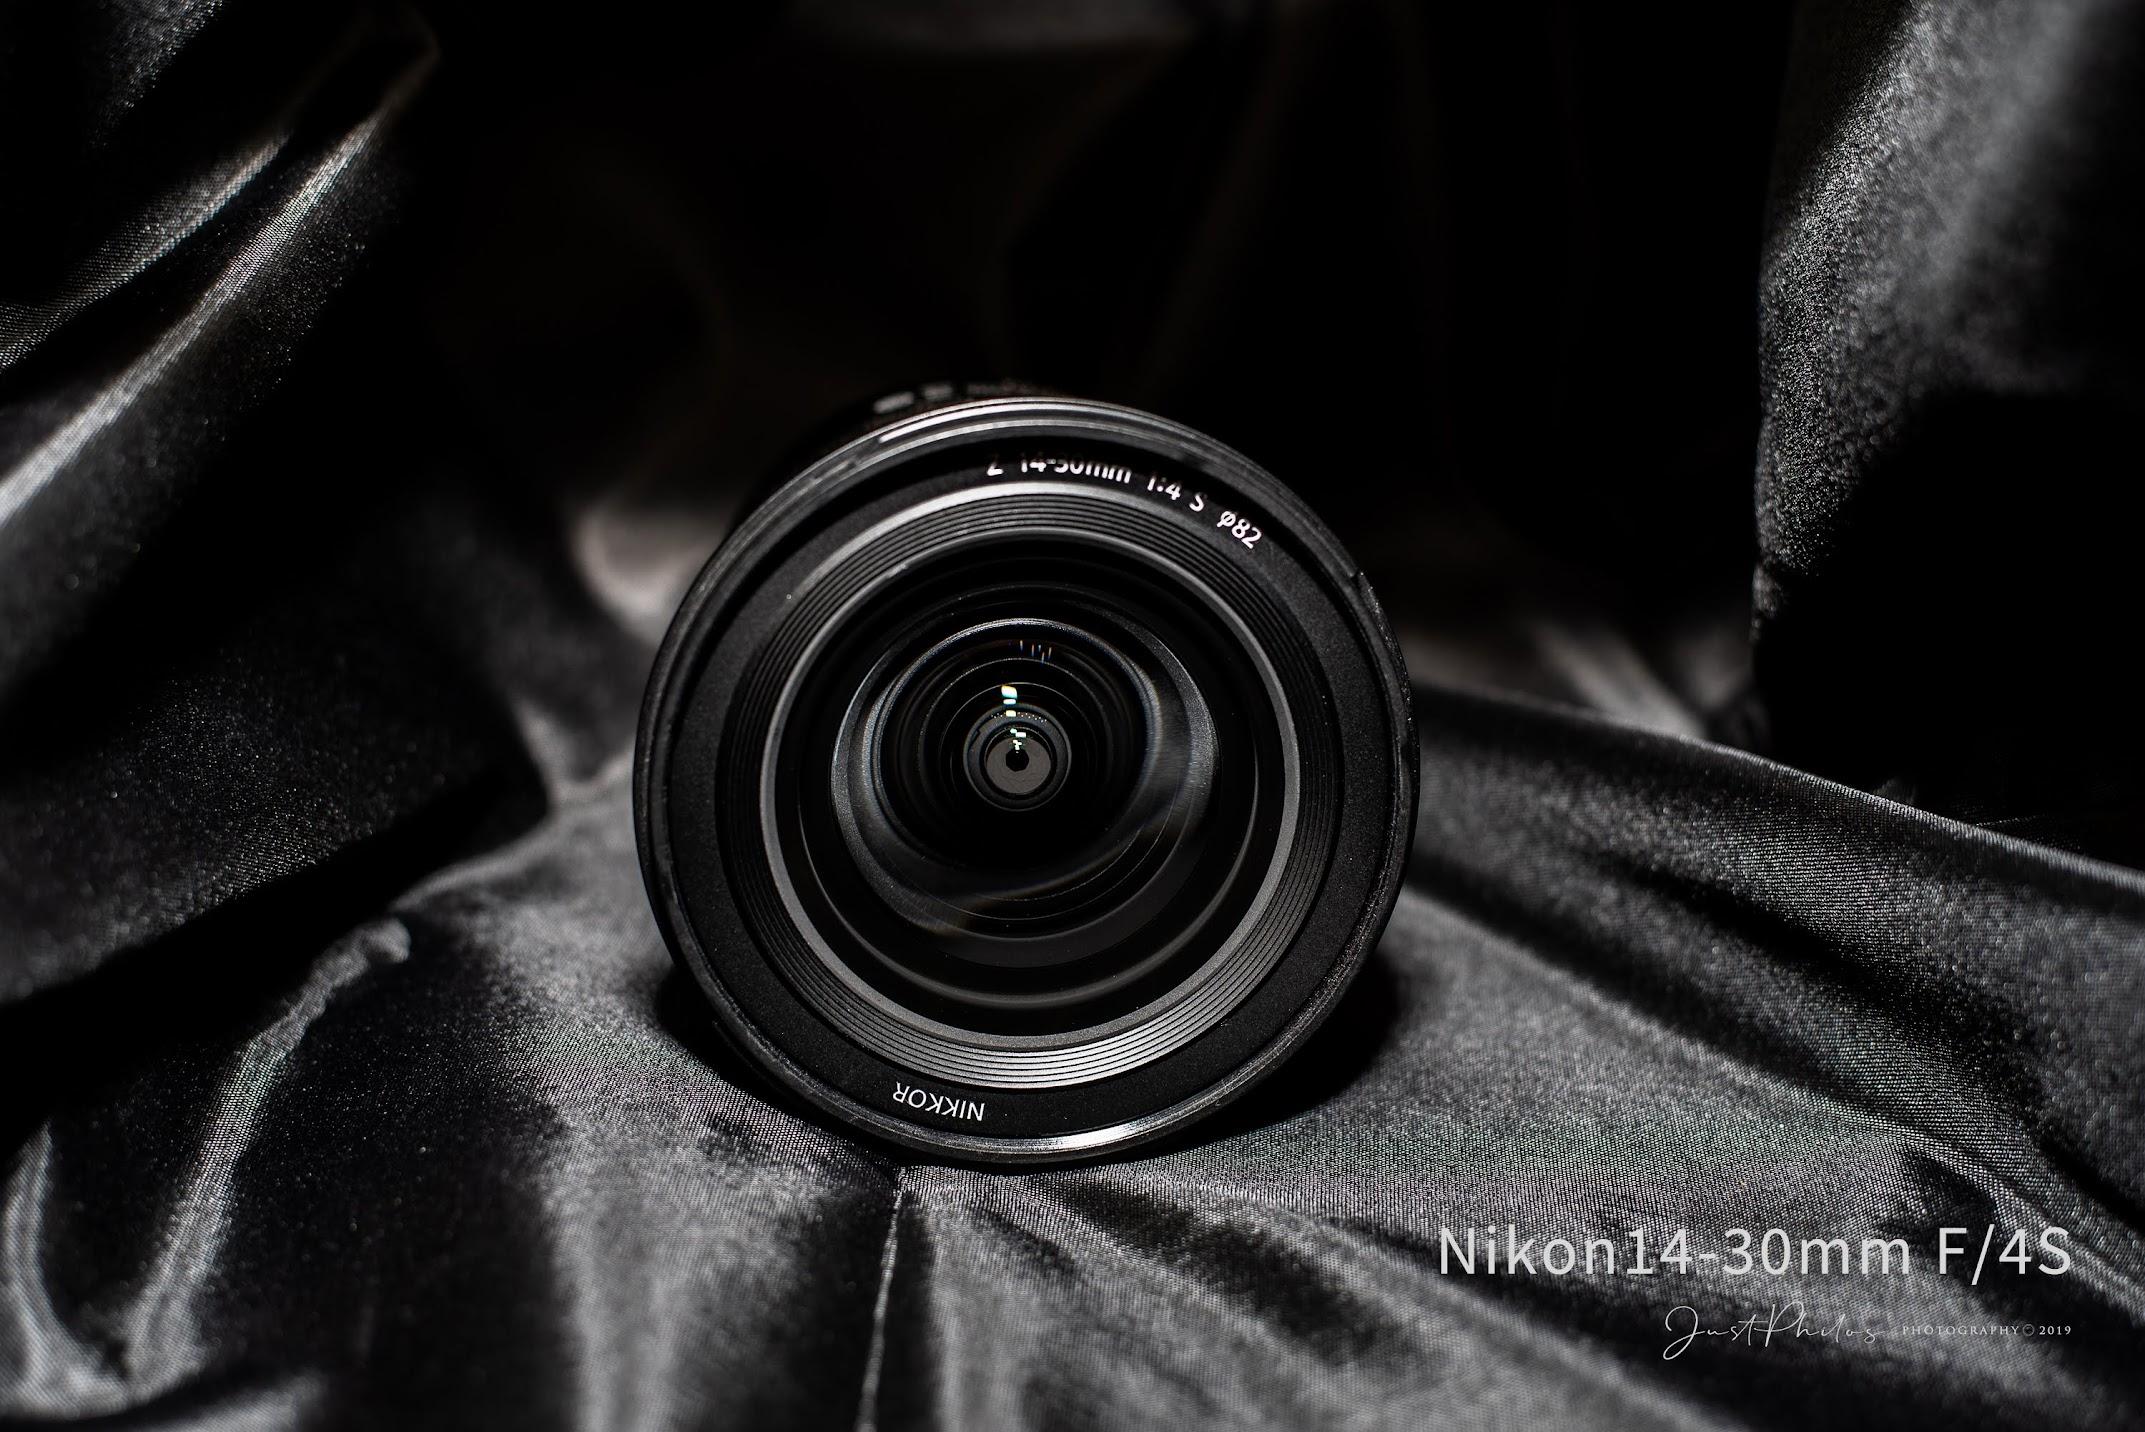 鏡頭採用的口徑是82mm的大口徑,可防止拍攝時容易產生邊角暗角的情況。